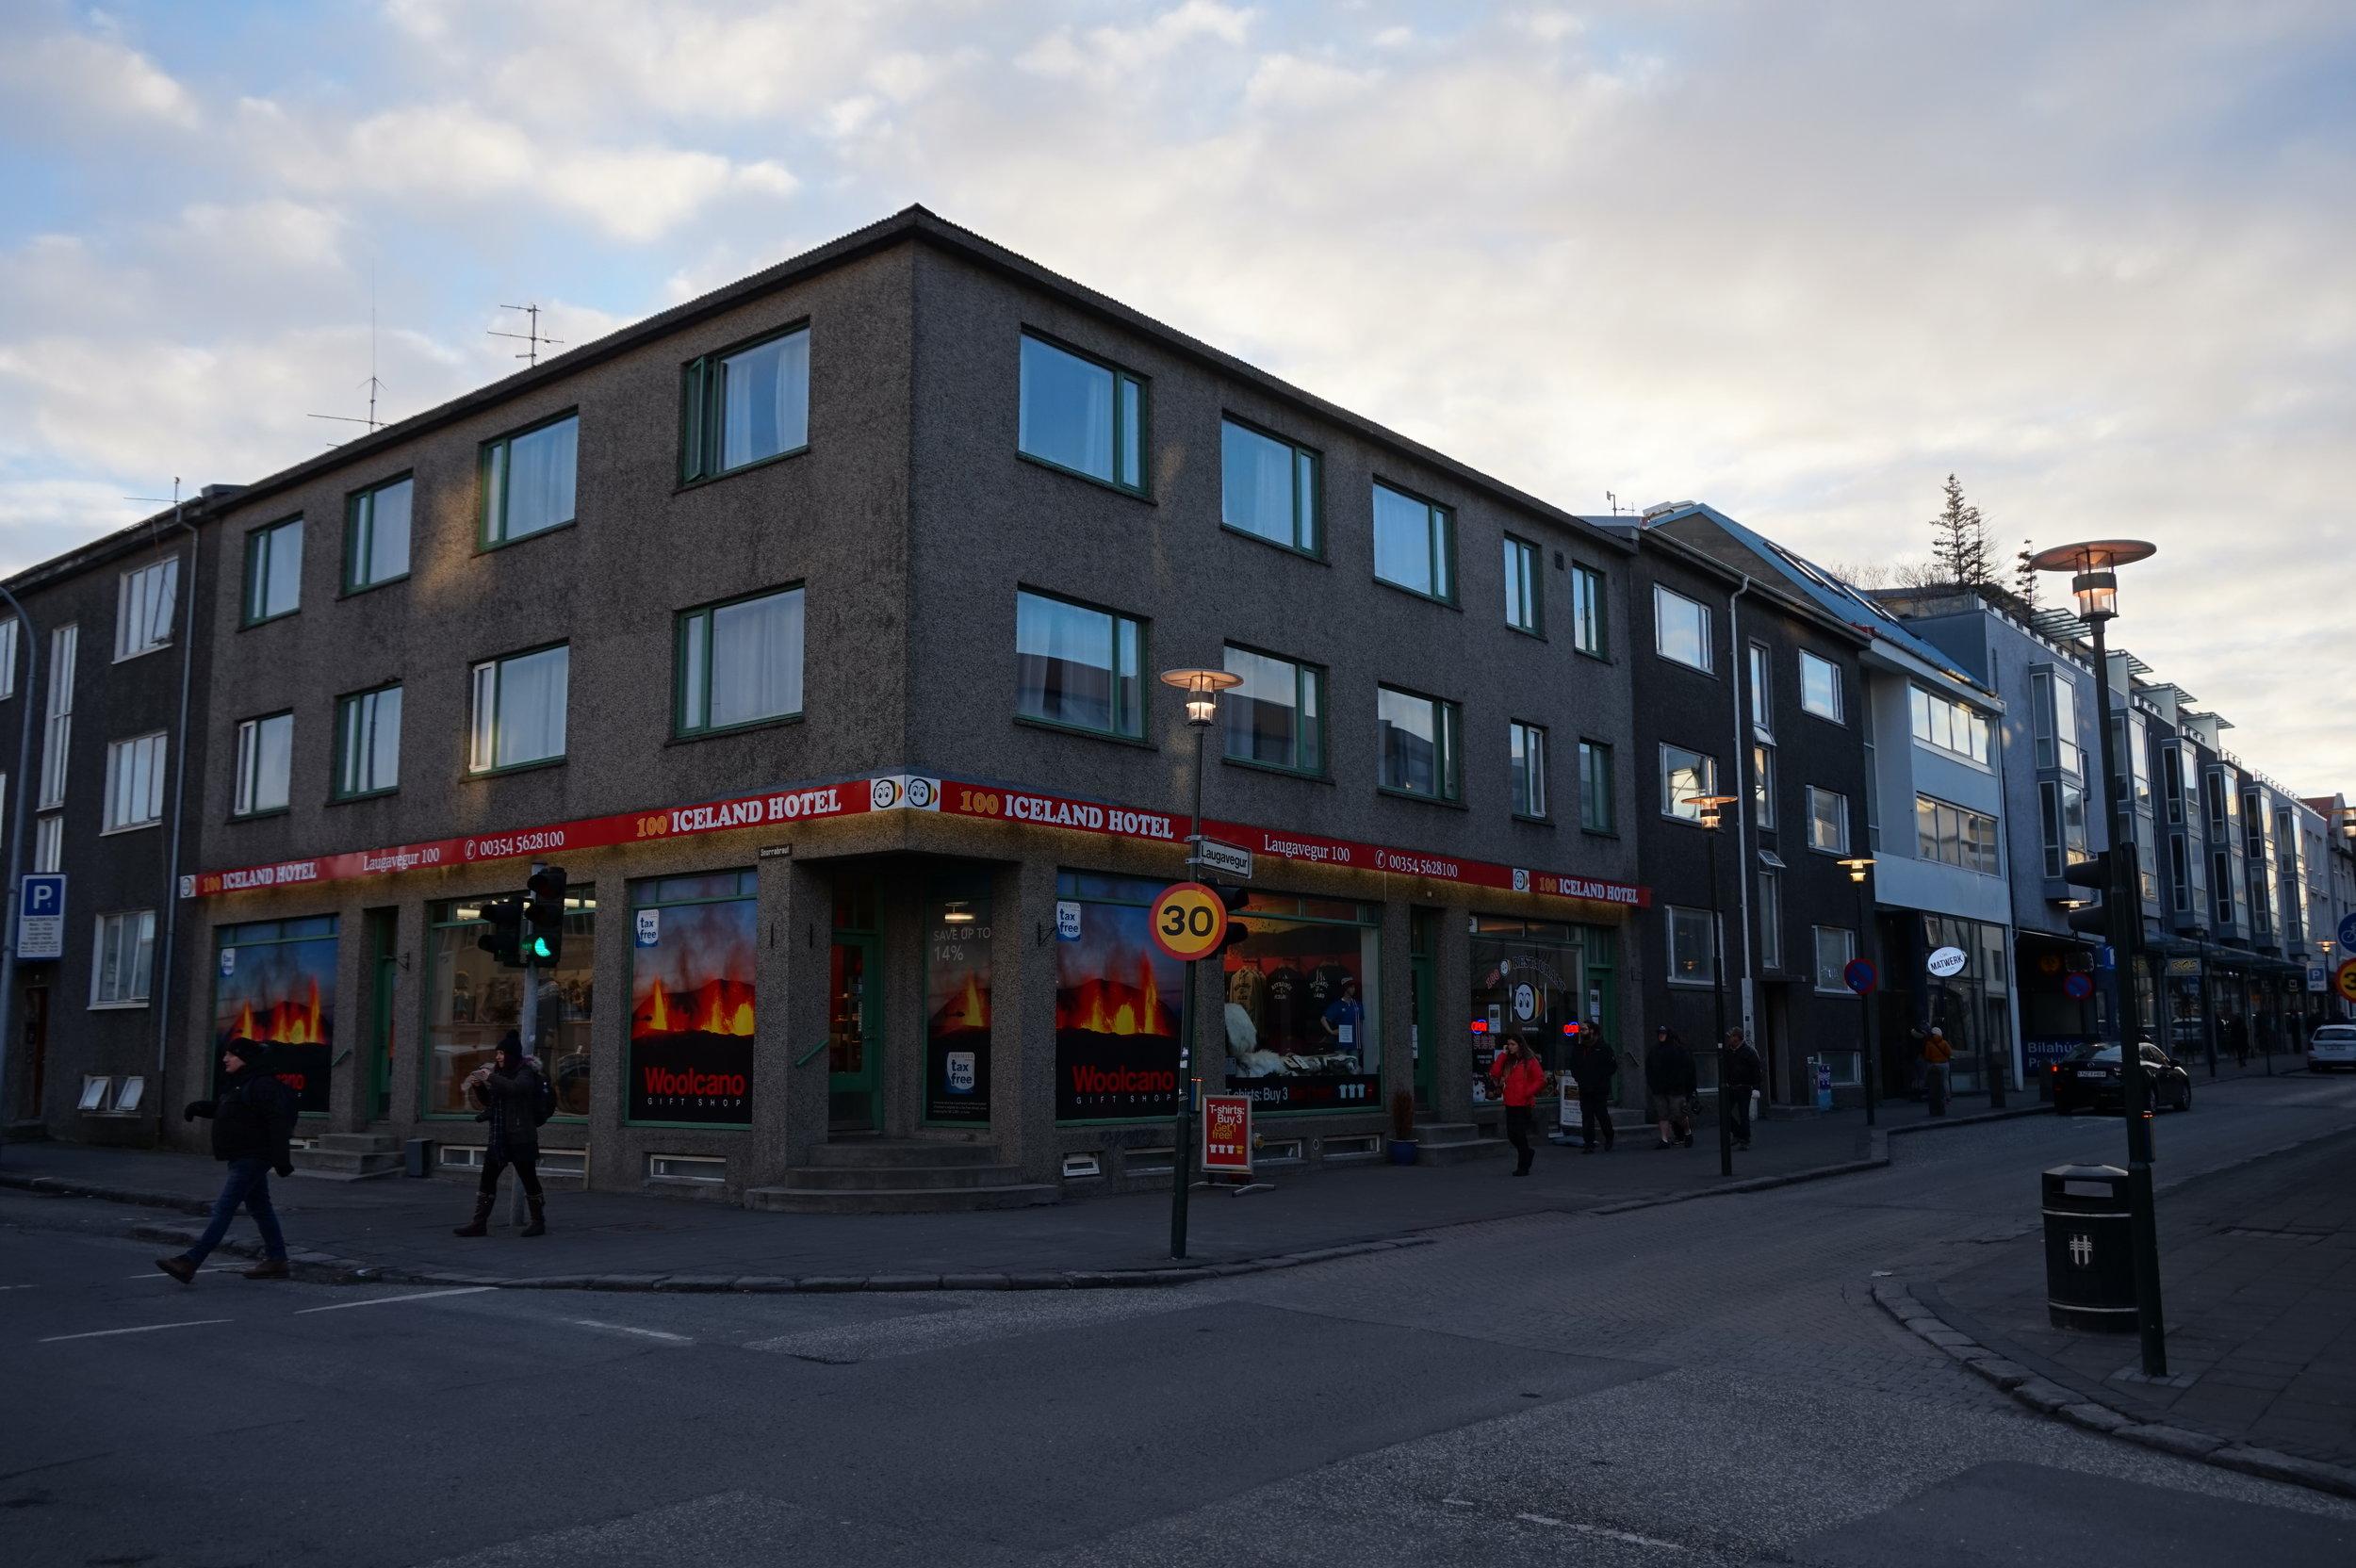 100-Iceland-Hotel-Reykjavik